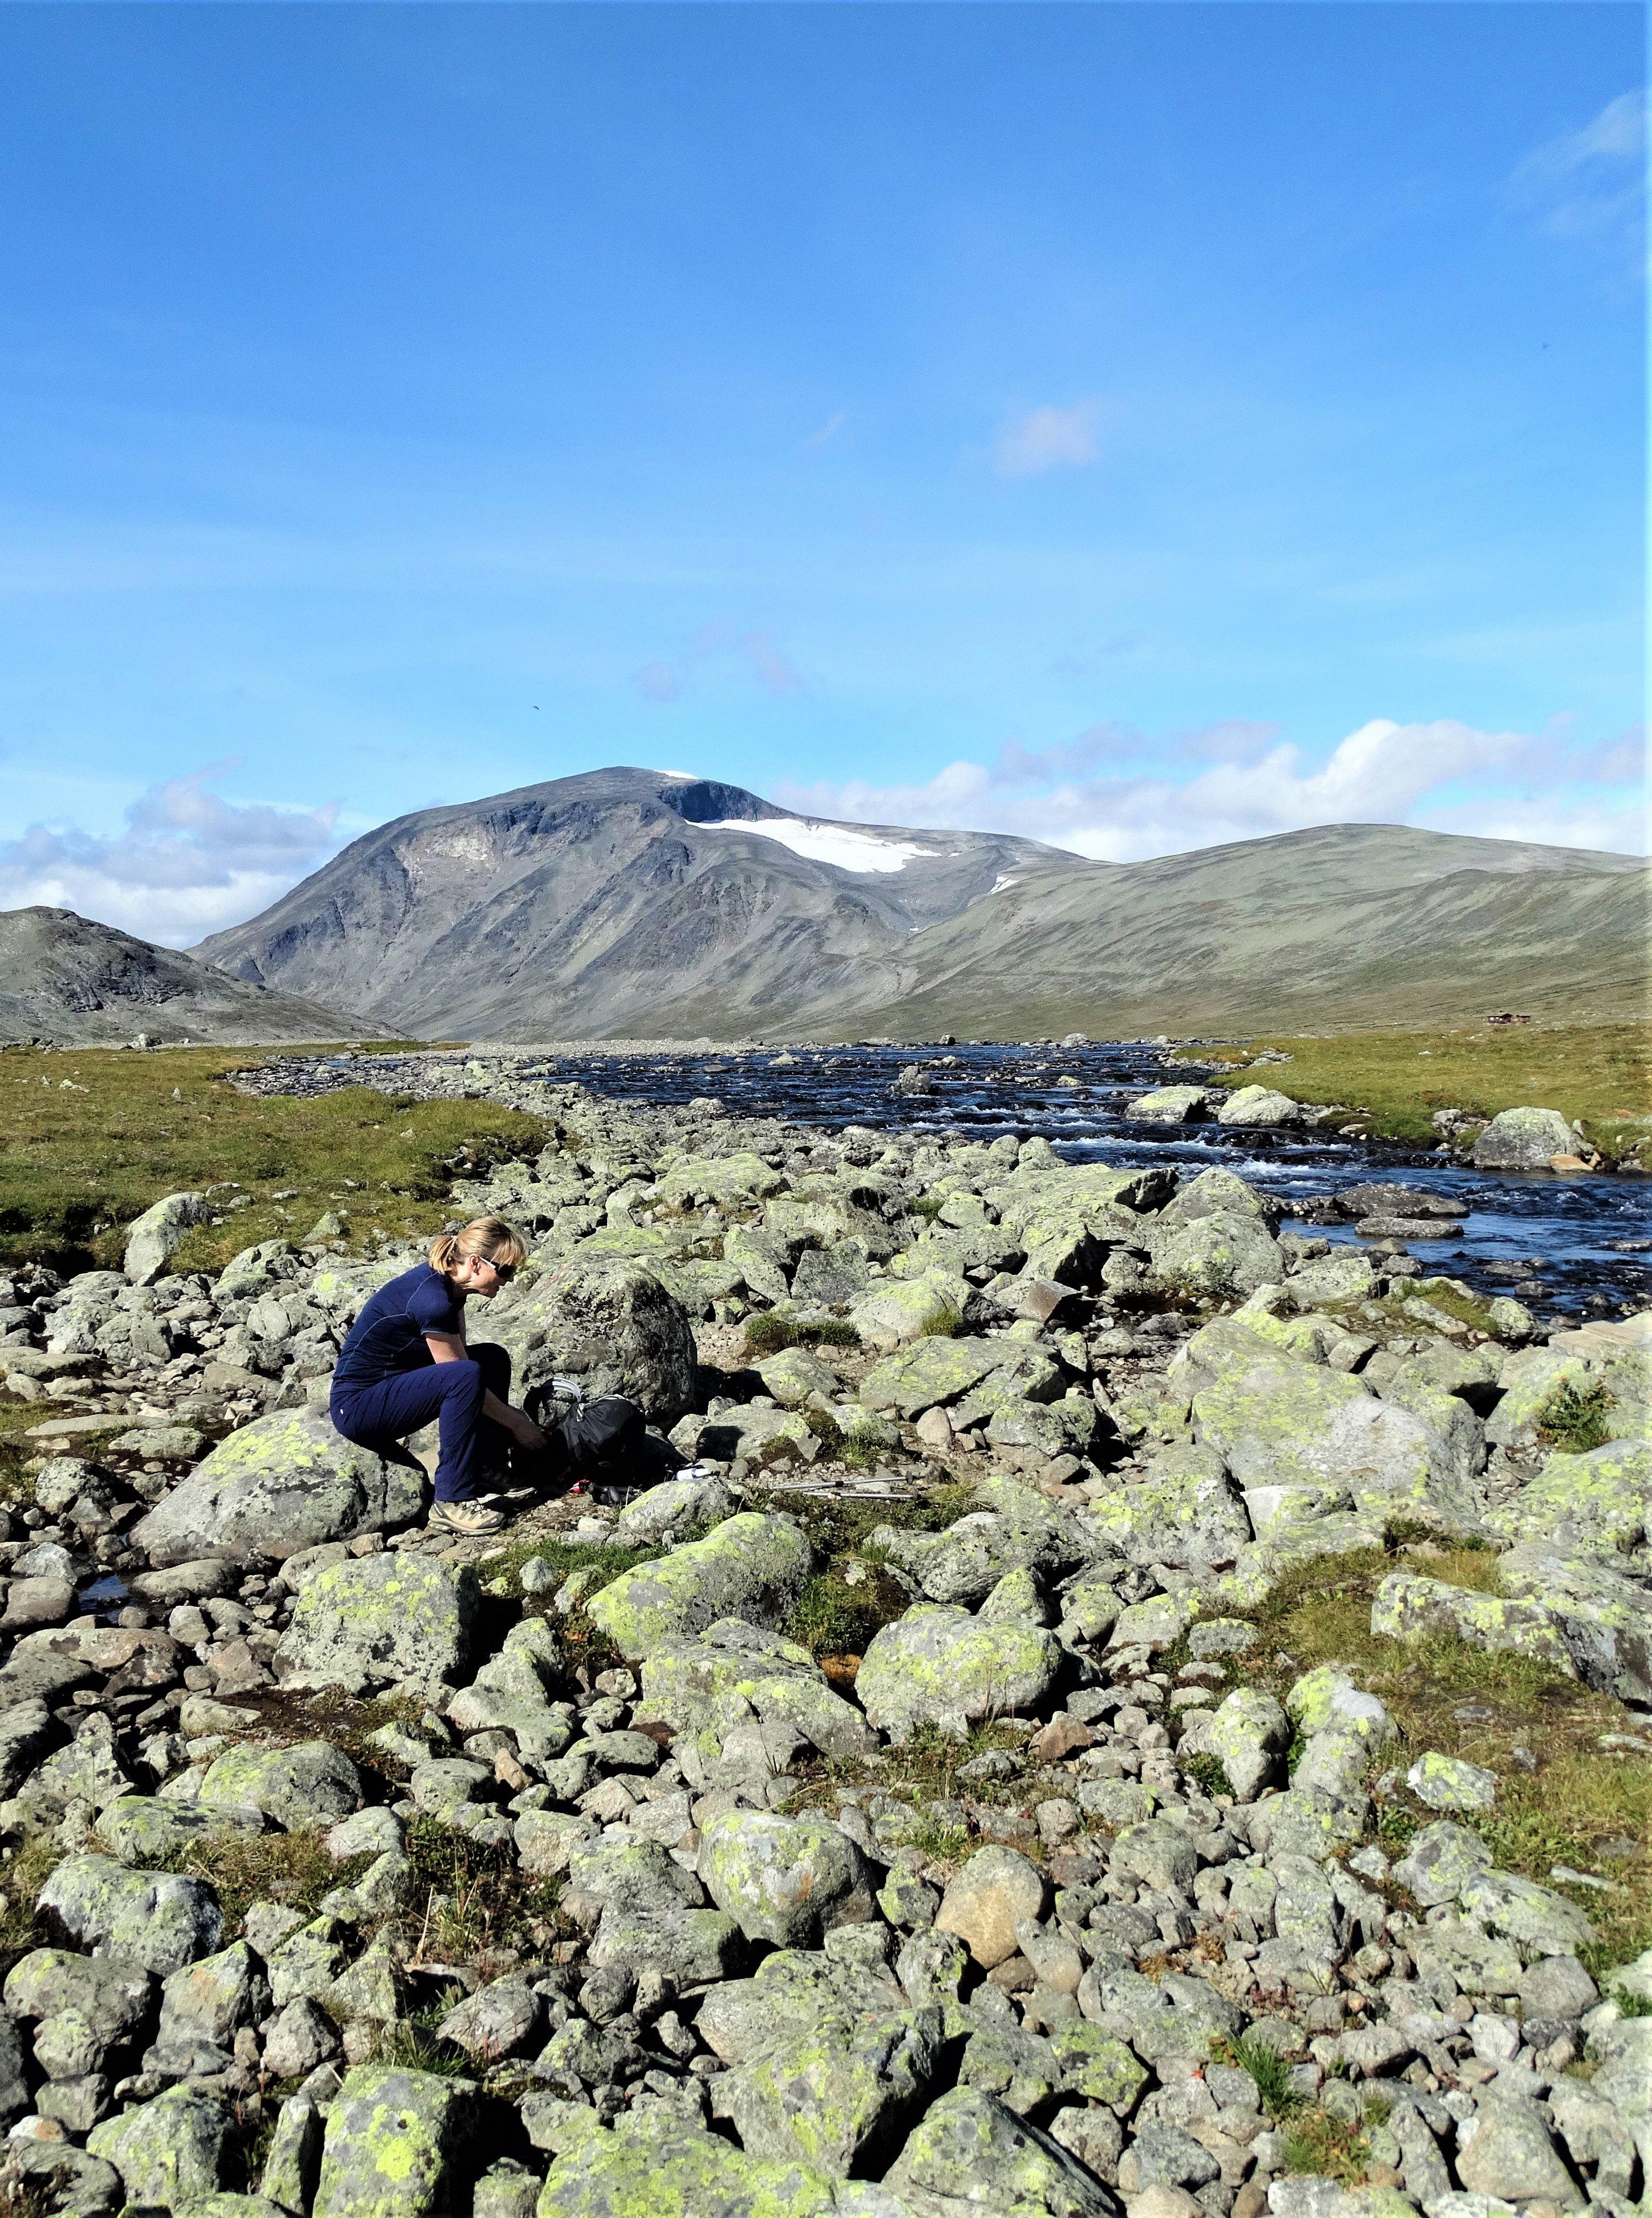 Mountain Veiws In The Jotunheimen National Park